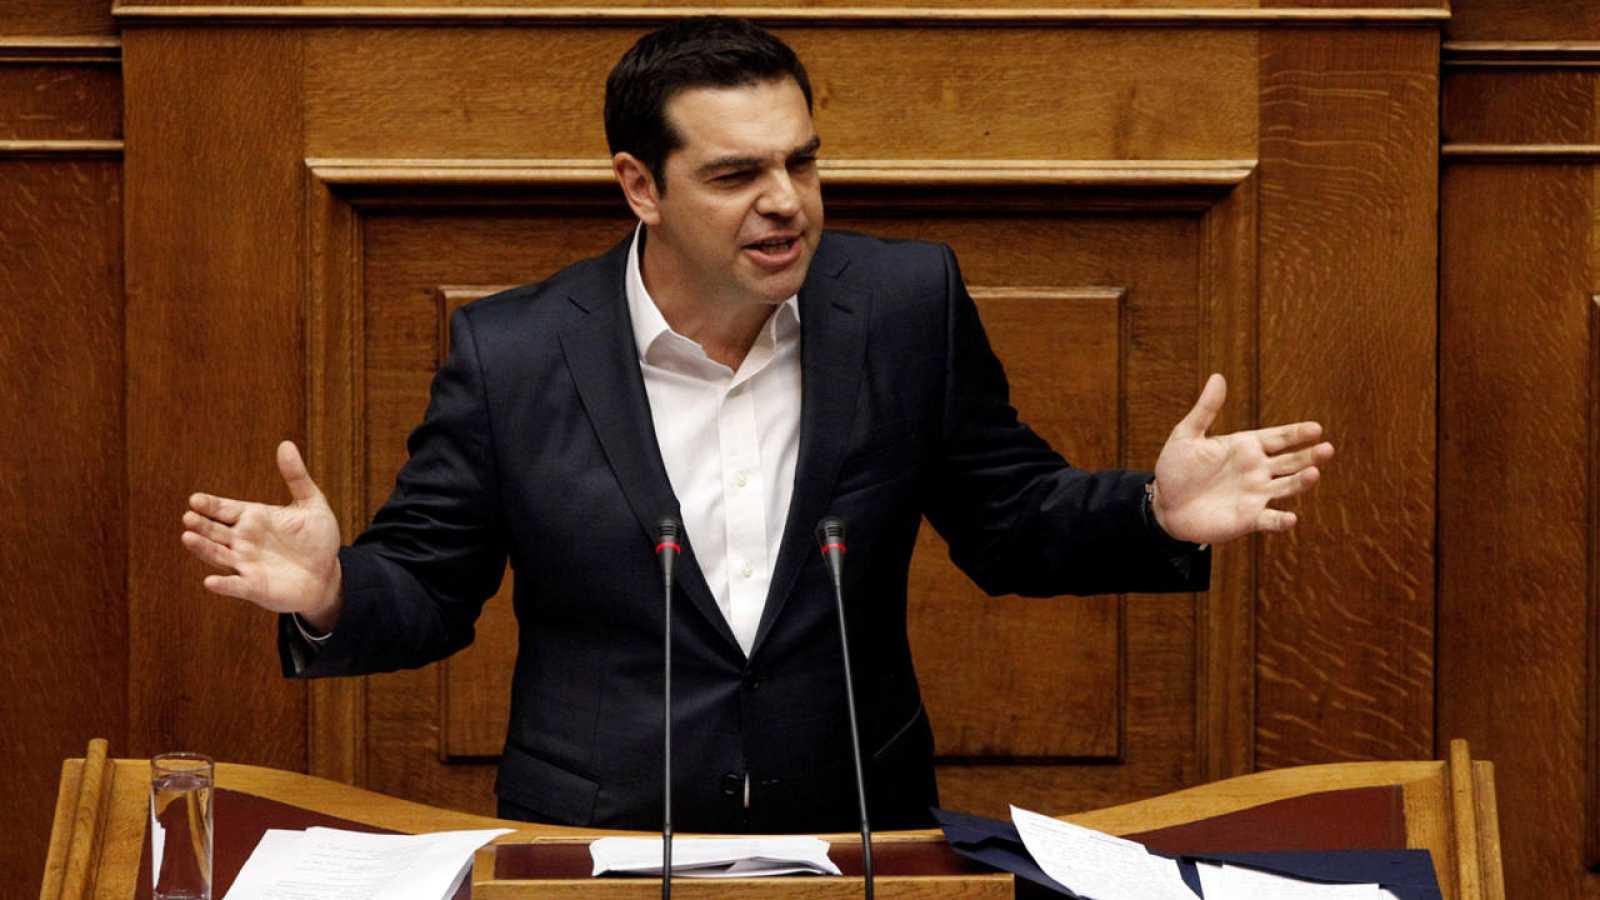 El primer ministro griego, Alexis Tsipras, durante la sesión parlamentaria de este domingo